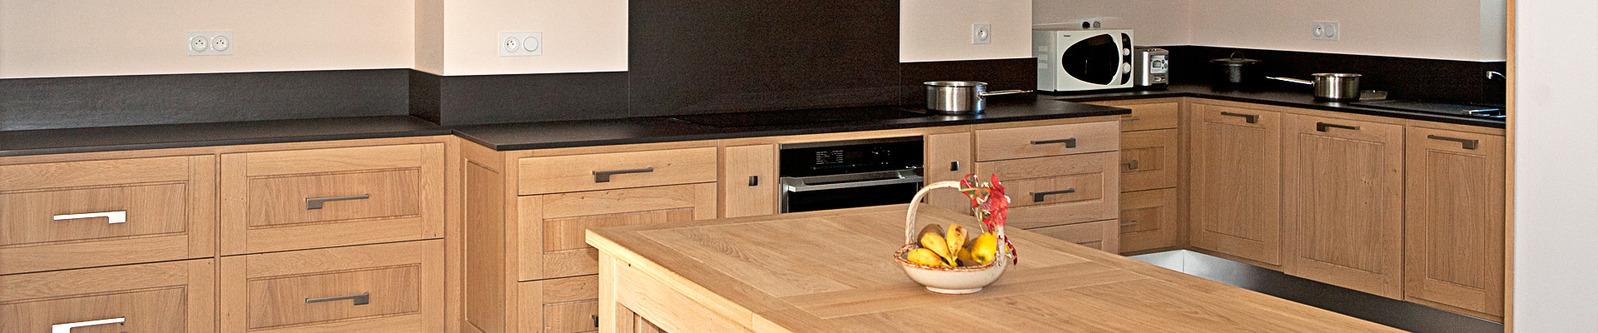 cuisine sur mesure cantal ydes artisan bois ganne. Black Bedroom Furniture Sets. Home Design Ideas